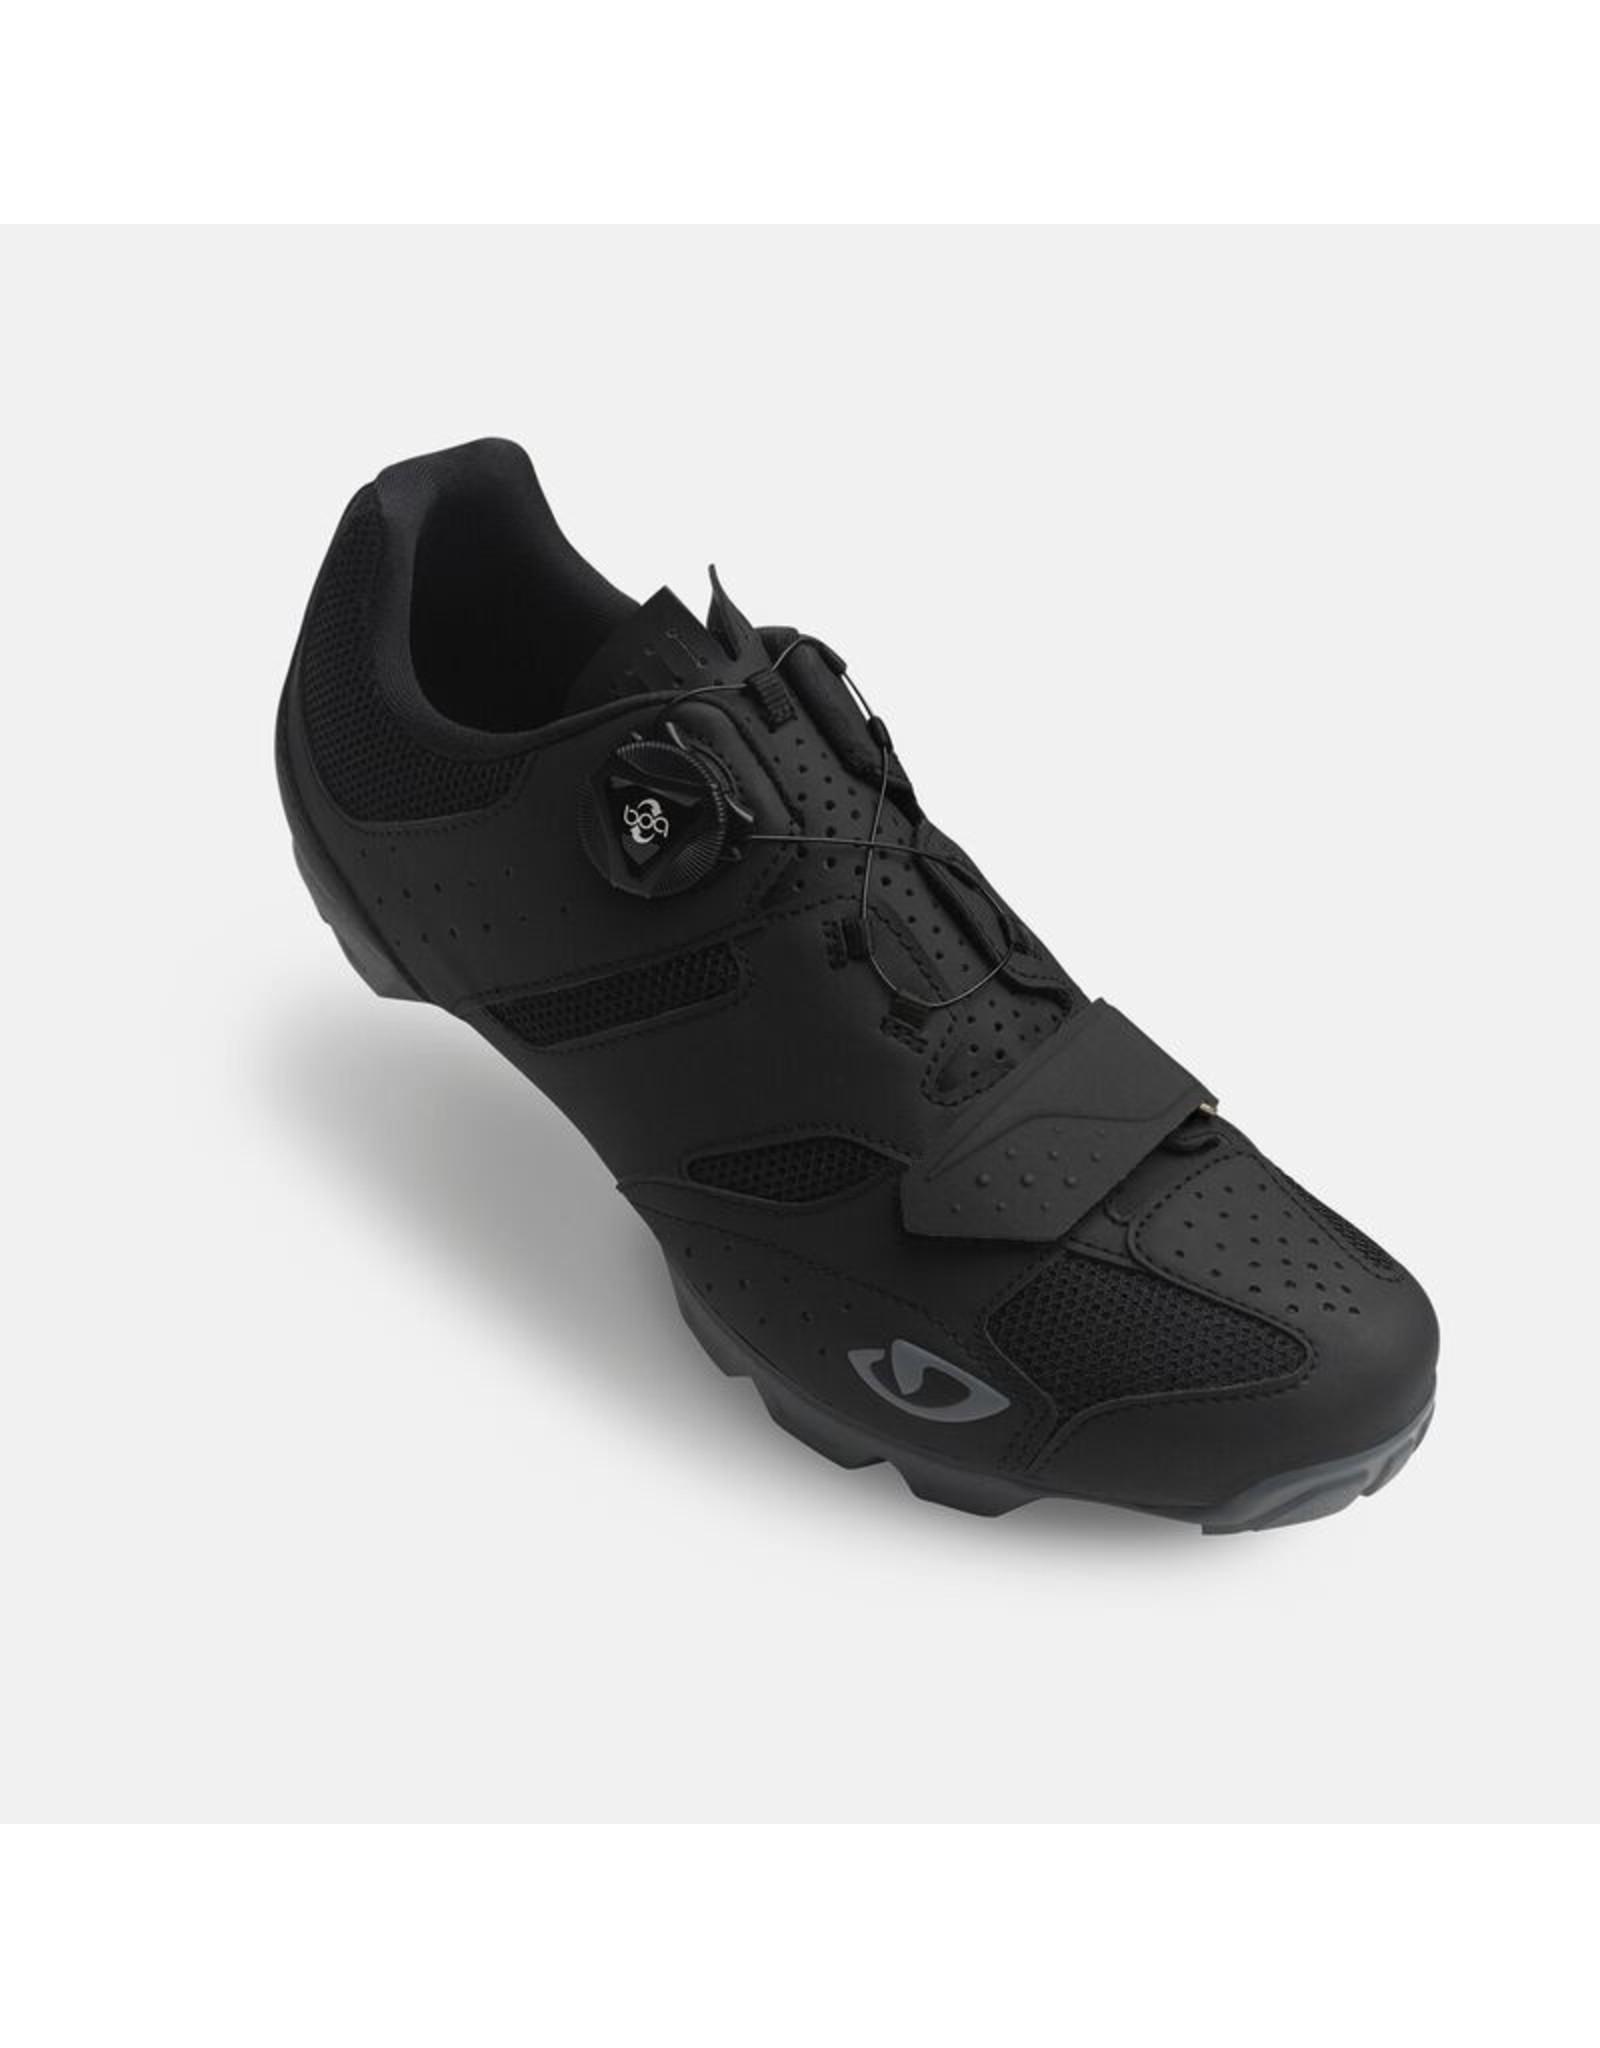 Giro Giro Cylinder Women's Cycling Shoe